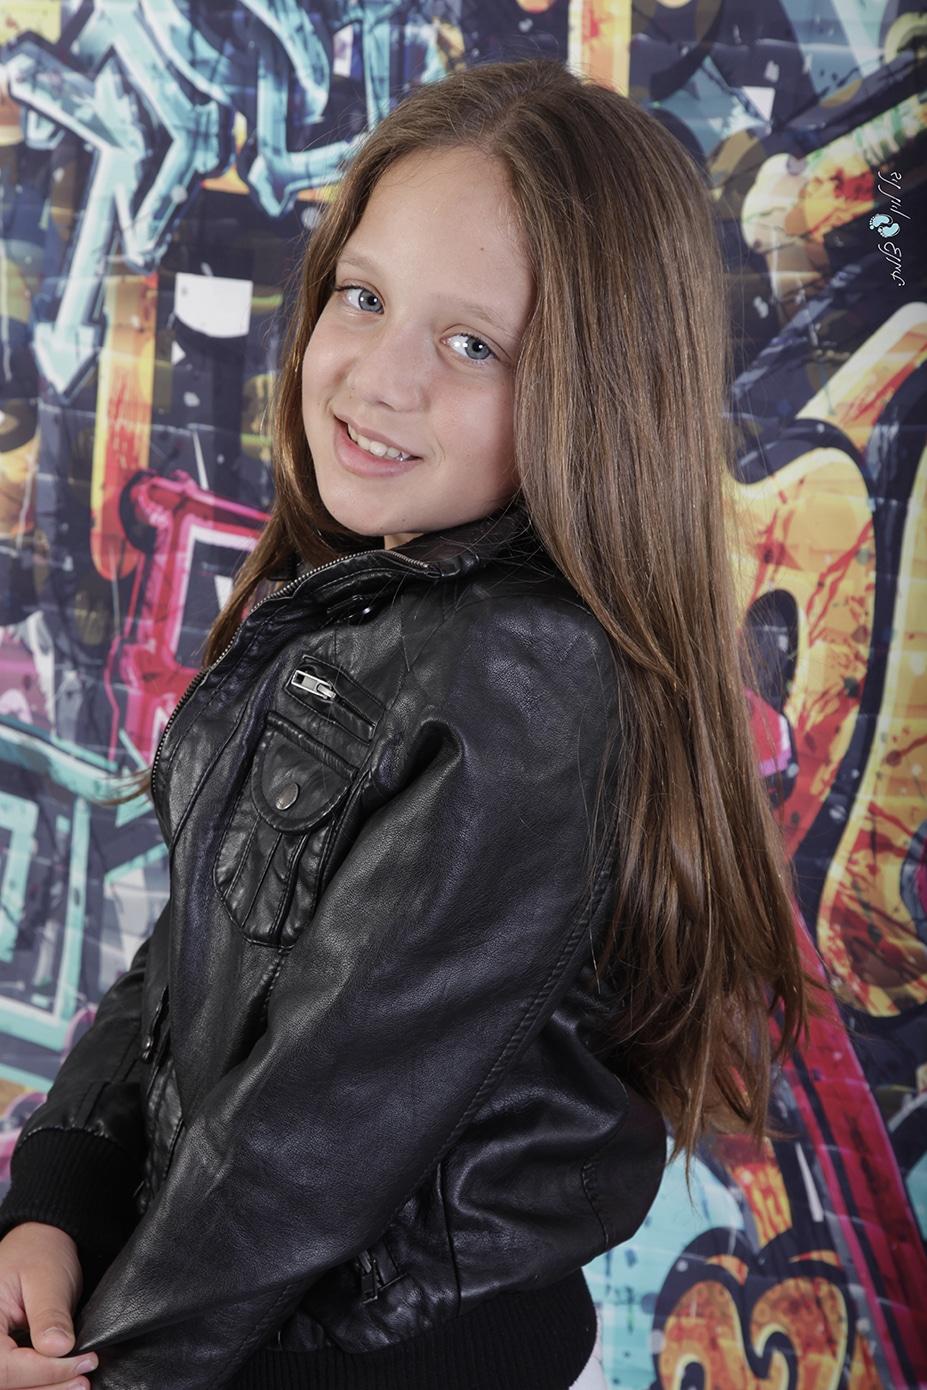 בוק בת מצווה לעמית - סטודיו גיל לוין (10)